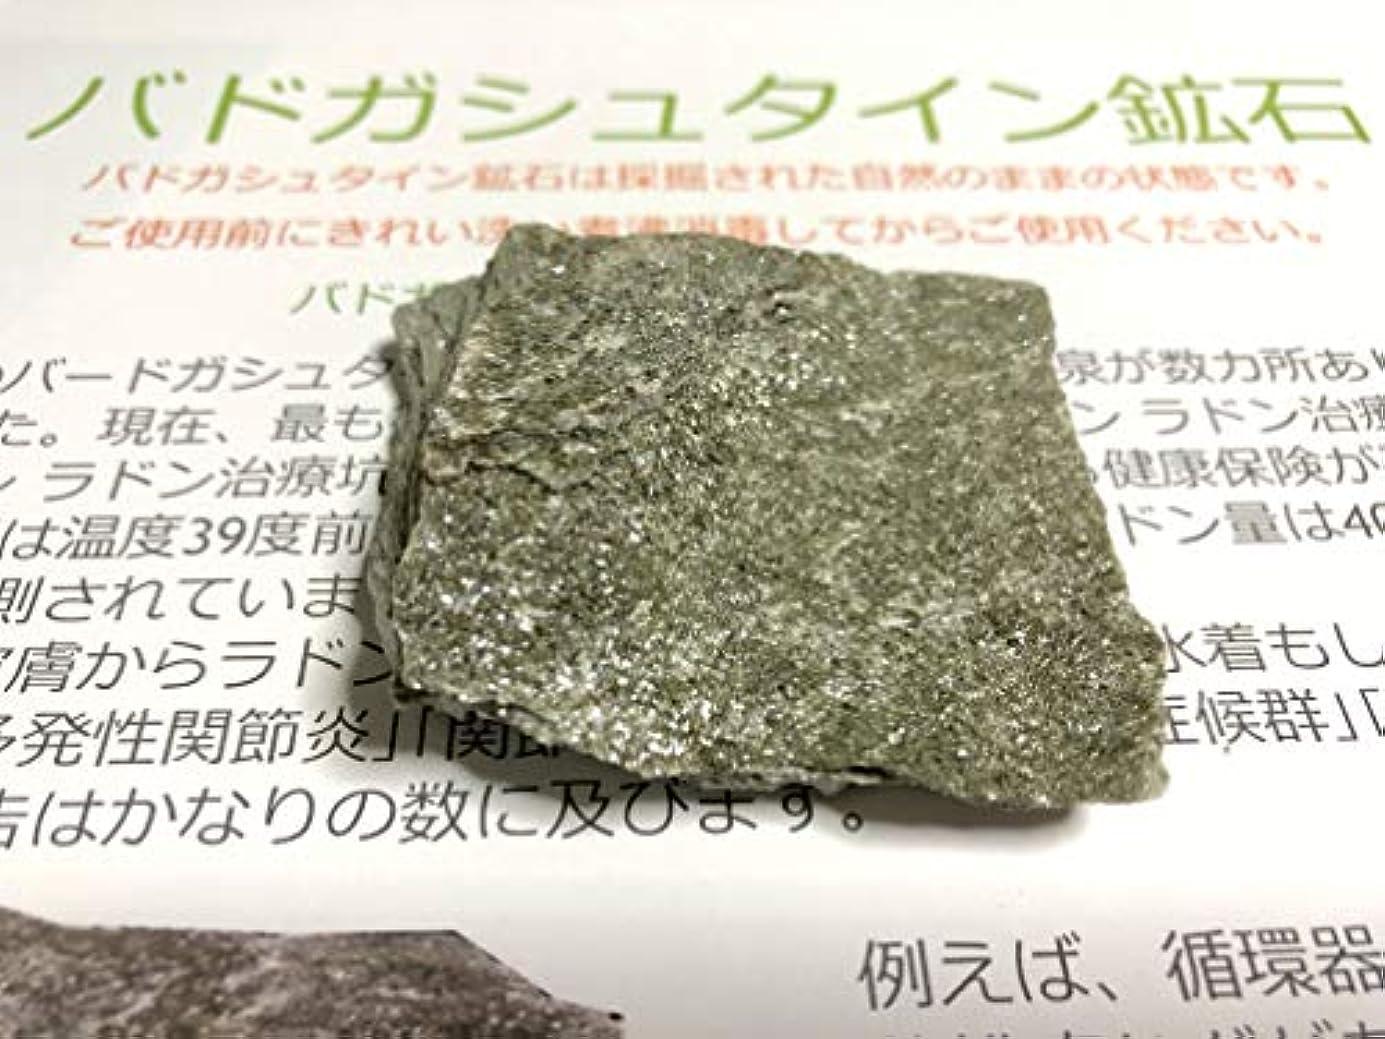 玉ねぎ貸すほこりっぽいバドガシュタイン鉱石 クラス1 約0.4μSV/h未満 (約5kg詰め)